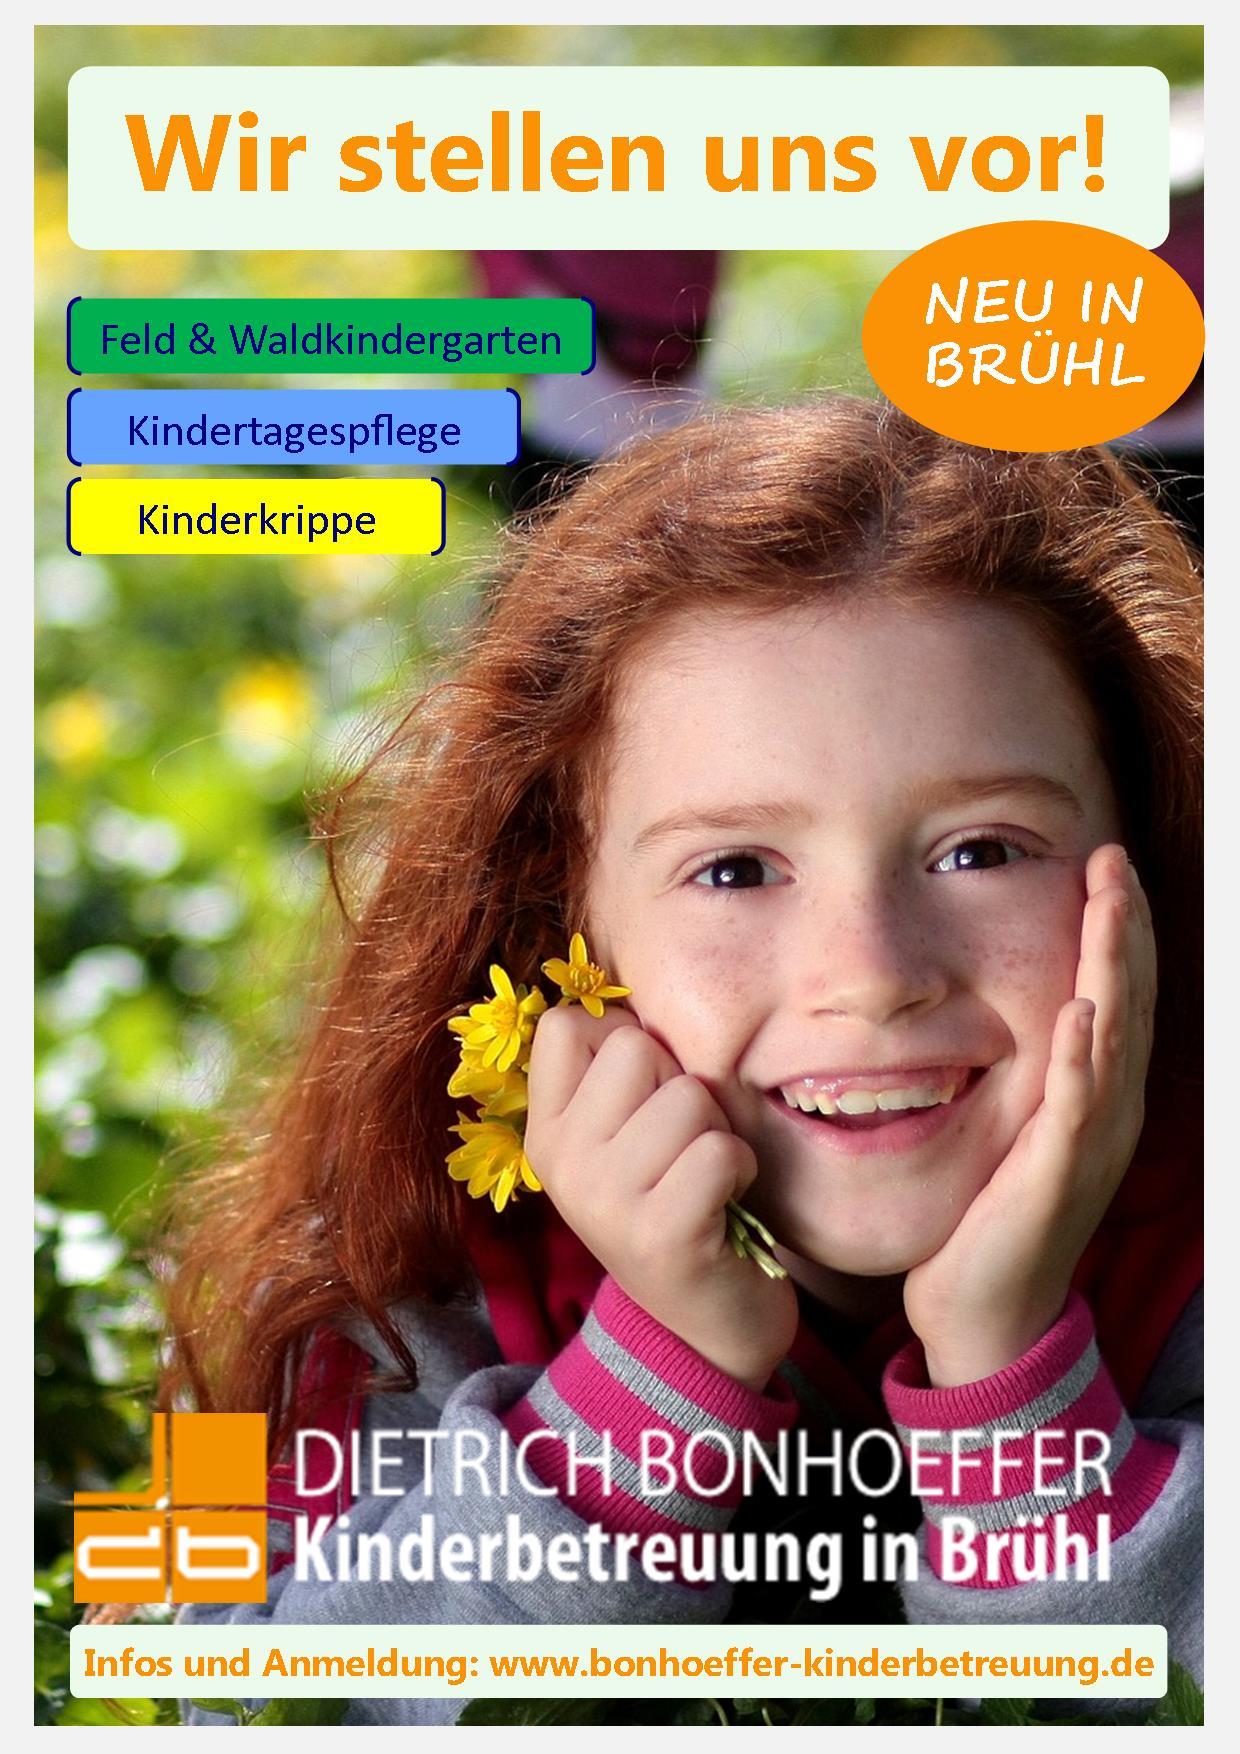 Wir-stellen-uns-vor-Bonhoeffer-Kinderbetreuung-Brühl-Poster